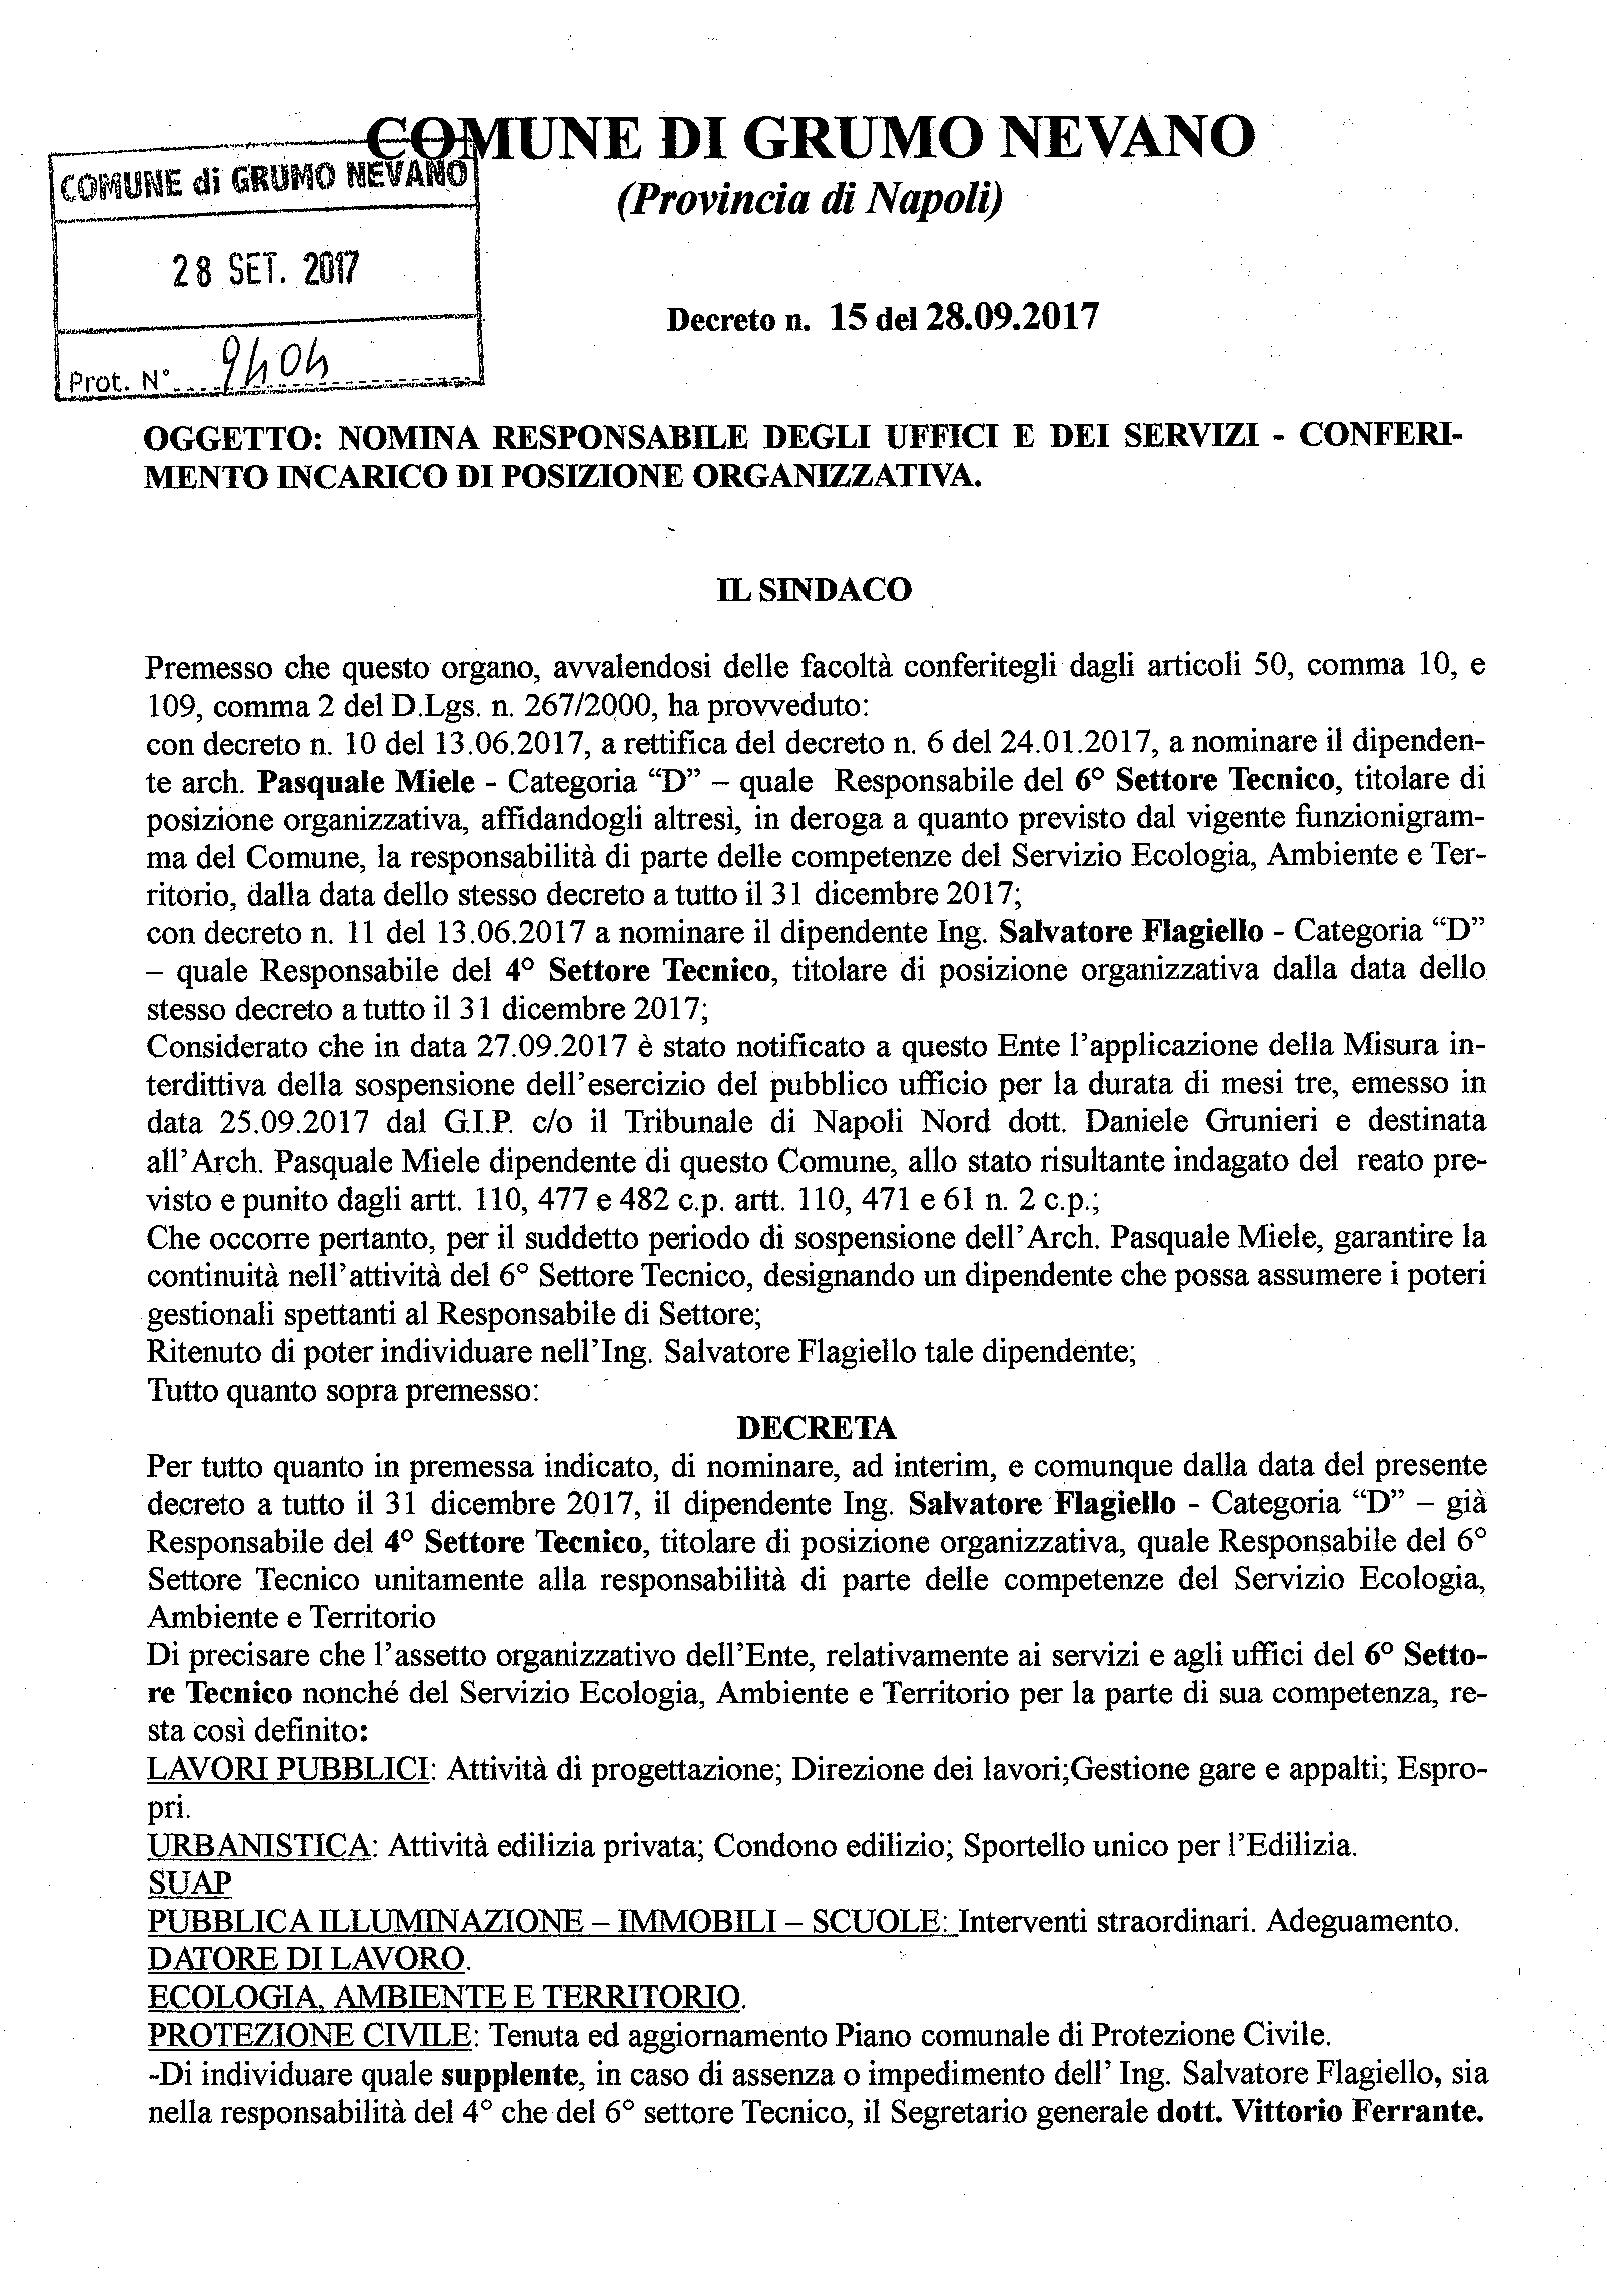 DECRETO_N°_15_NOMINA_RESPONSABILE_DEGLI_UFFICI_E__Pagina_1